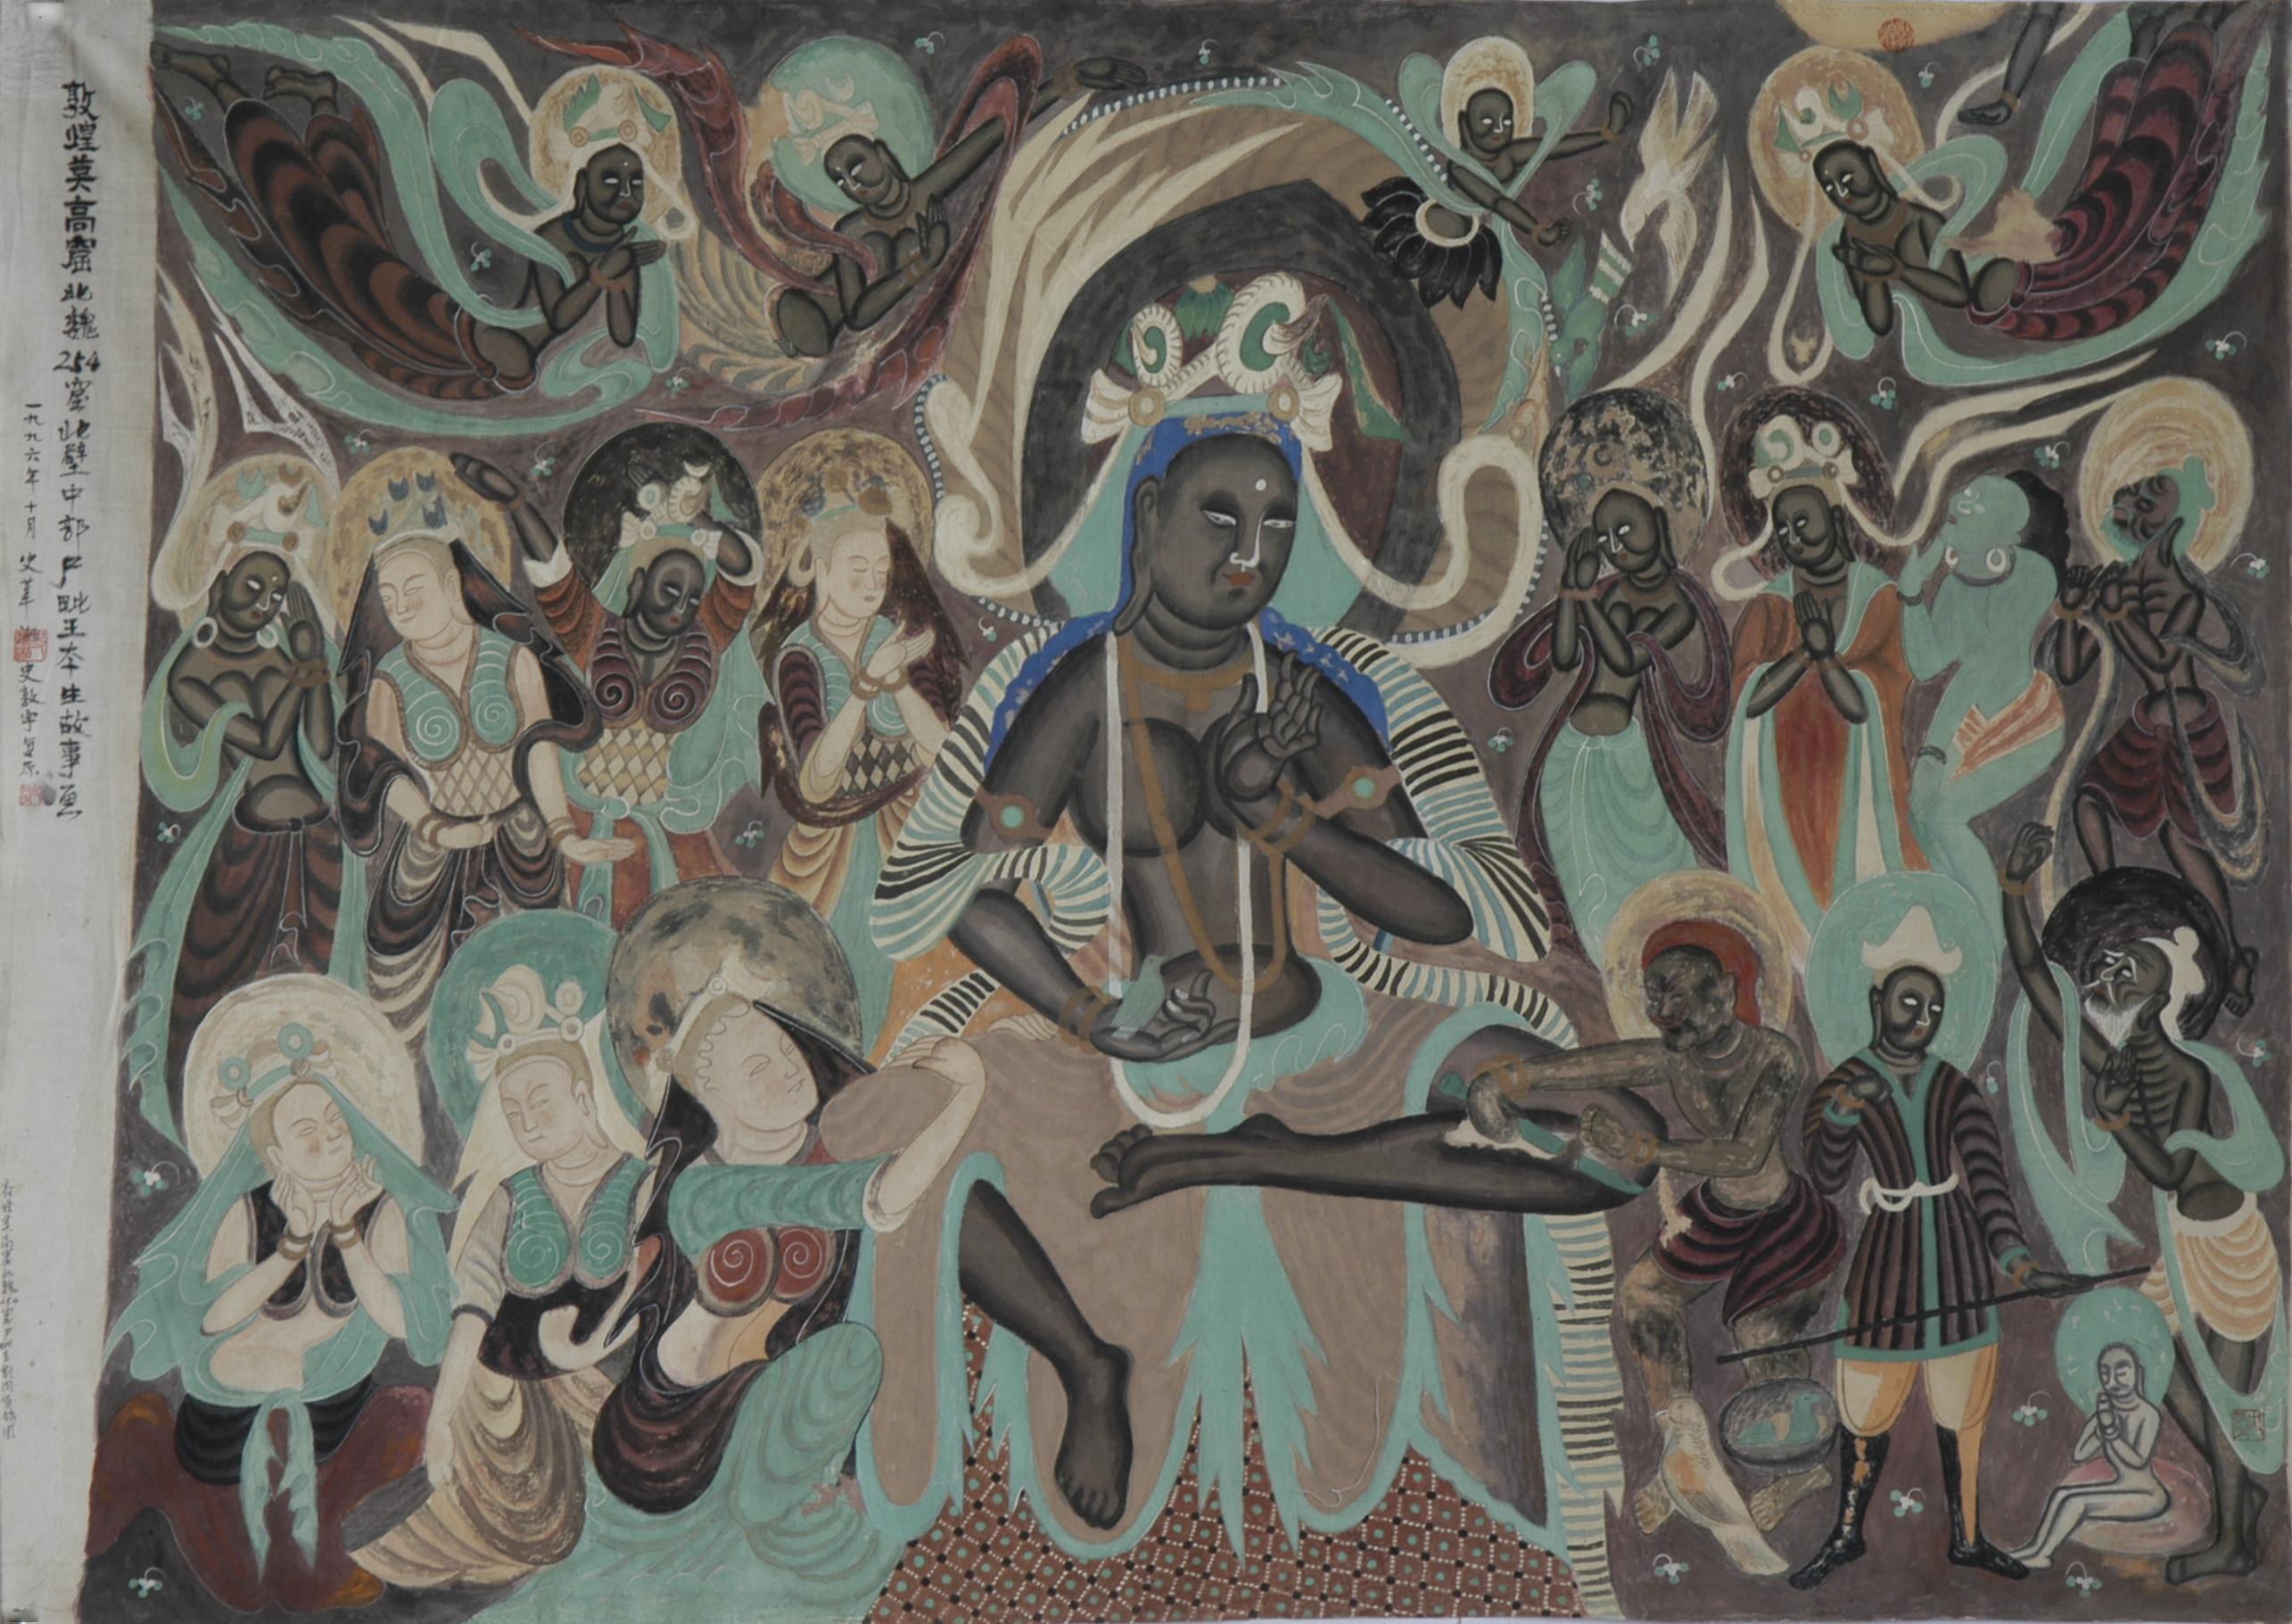 敦煌壁画—北魏 作品 2